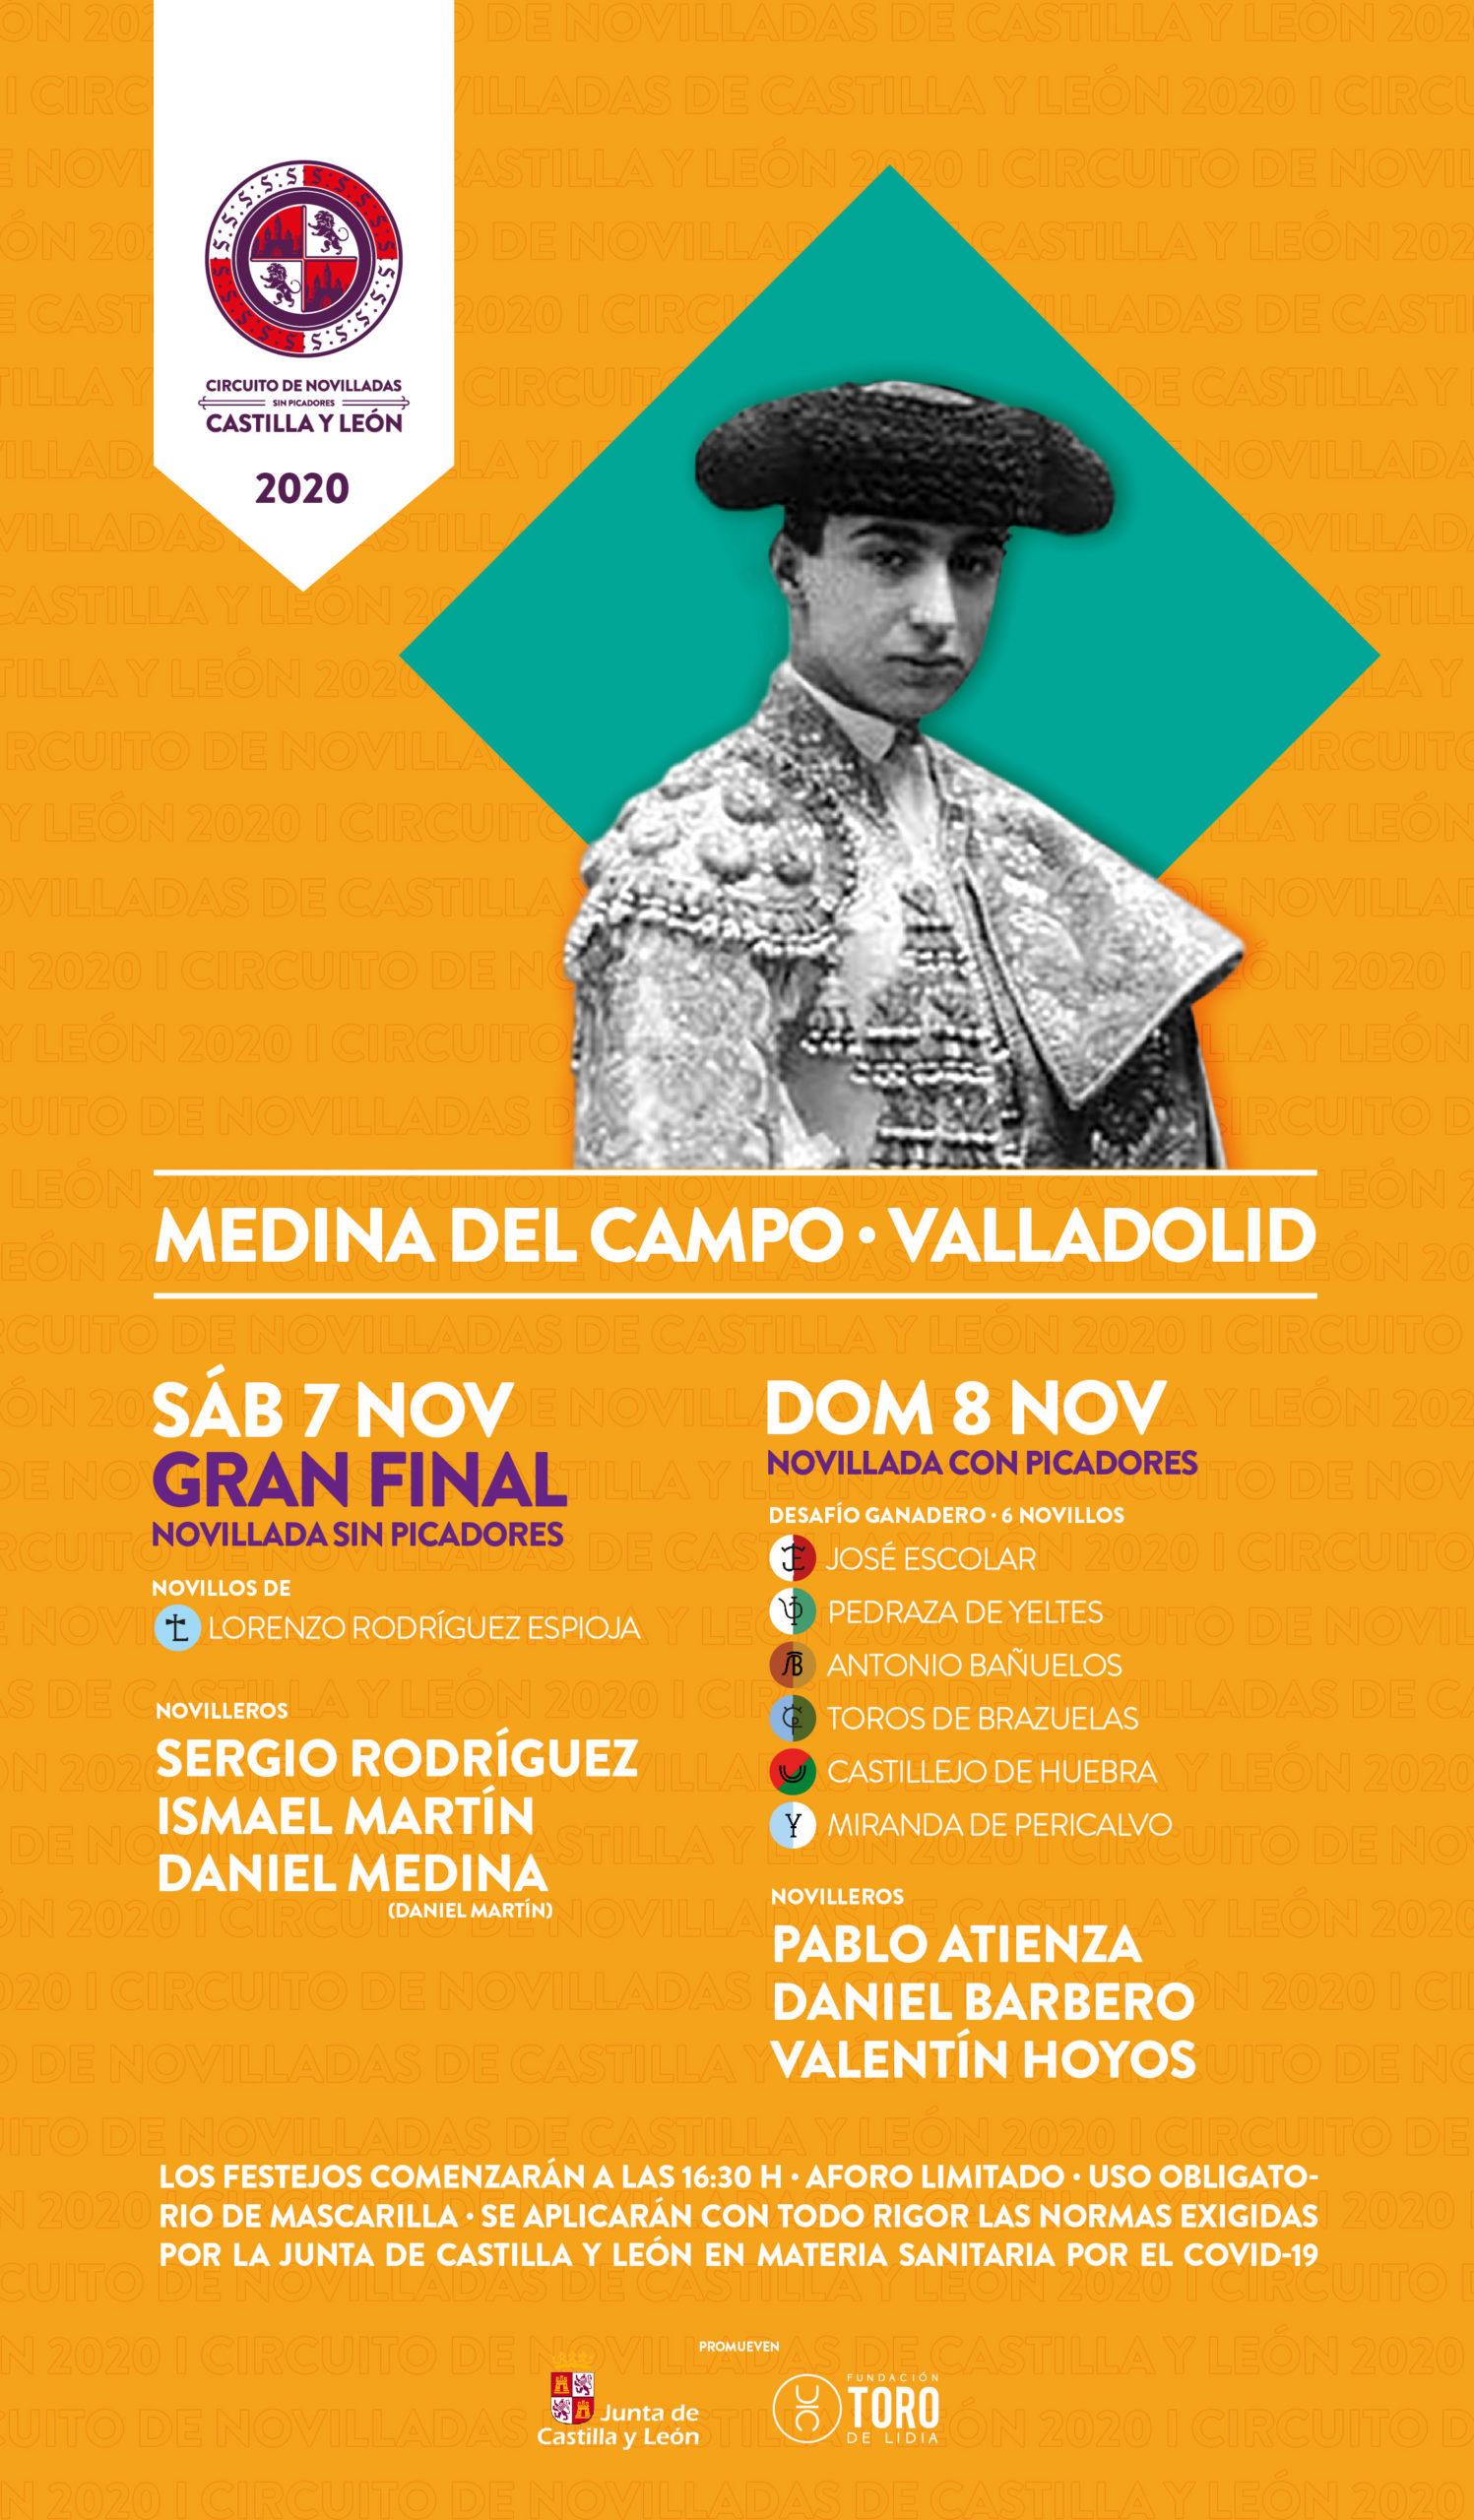 La final del Circuito de Novilladas sin picadores de Castilla y León se aplaza al 7 de noviembre